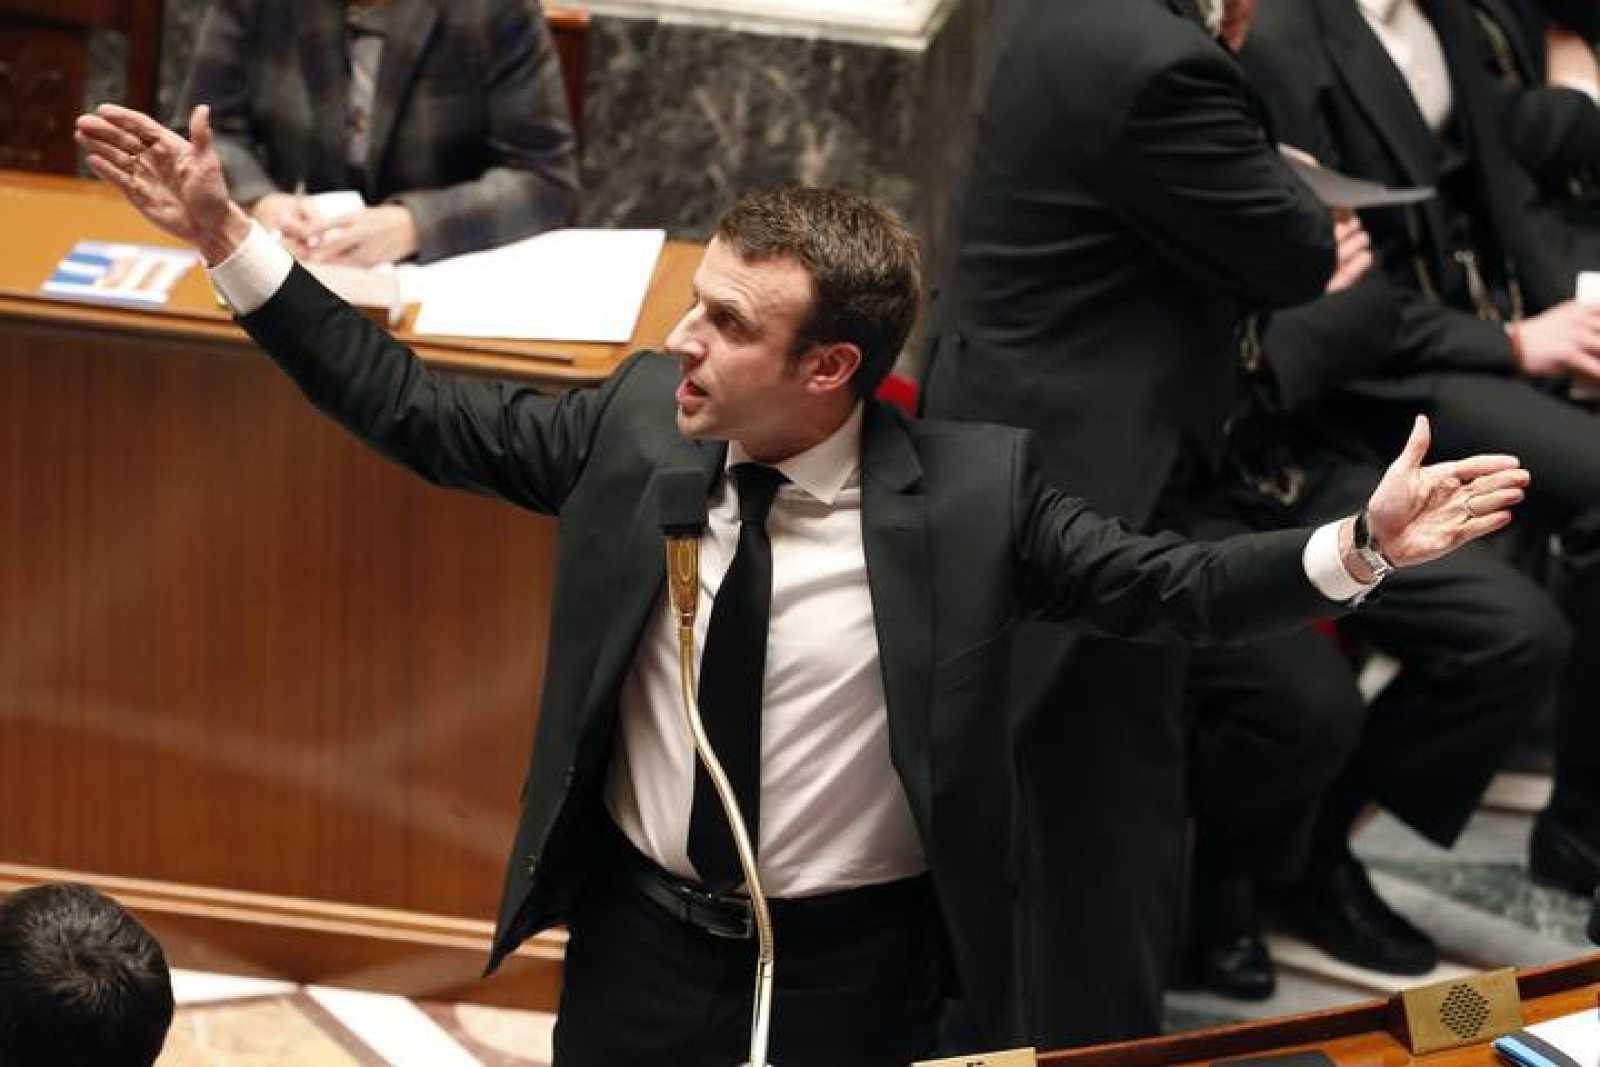 El ministro de Economía francés, Emmanuel Macron, responde en la Asamblea Nacional